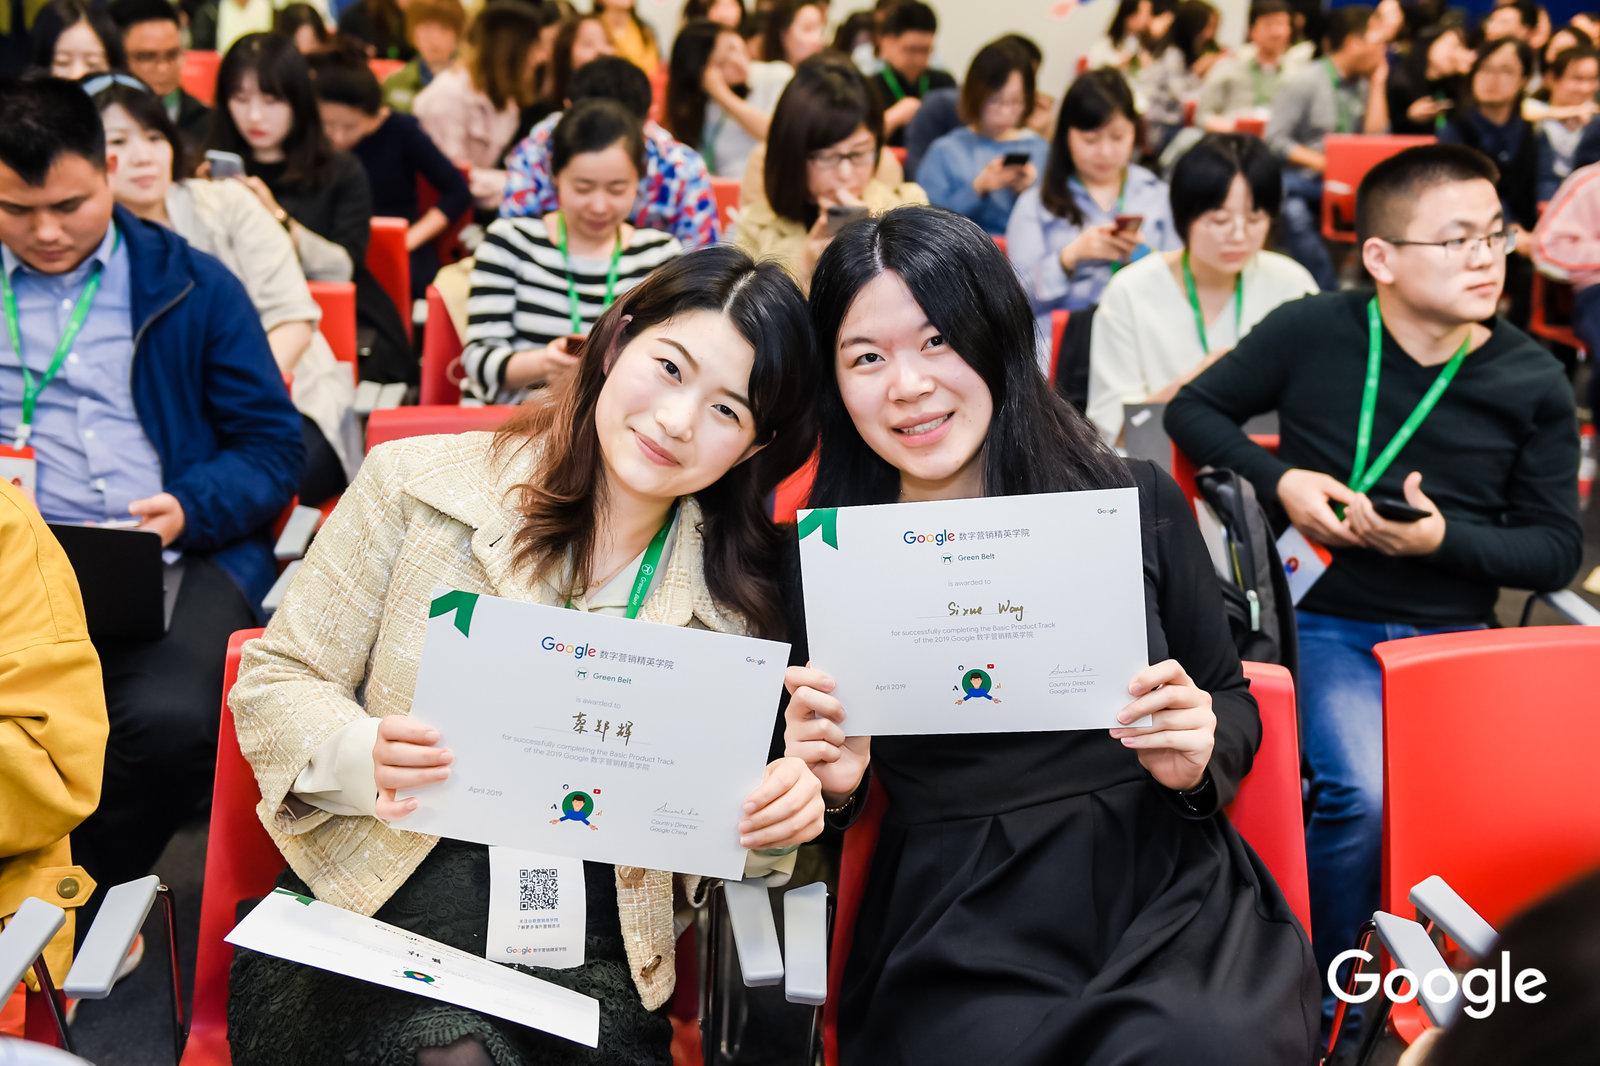 青岛Google 数字营销精英学院